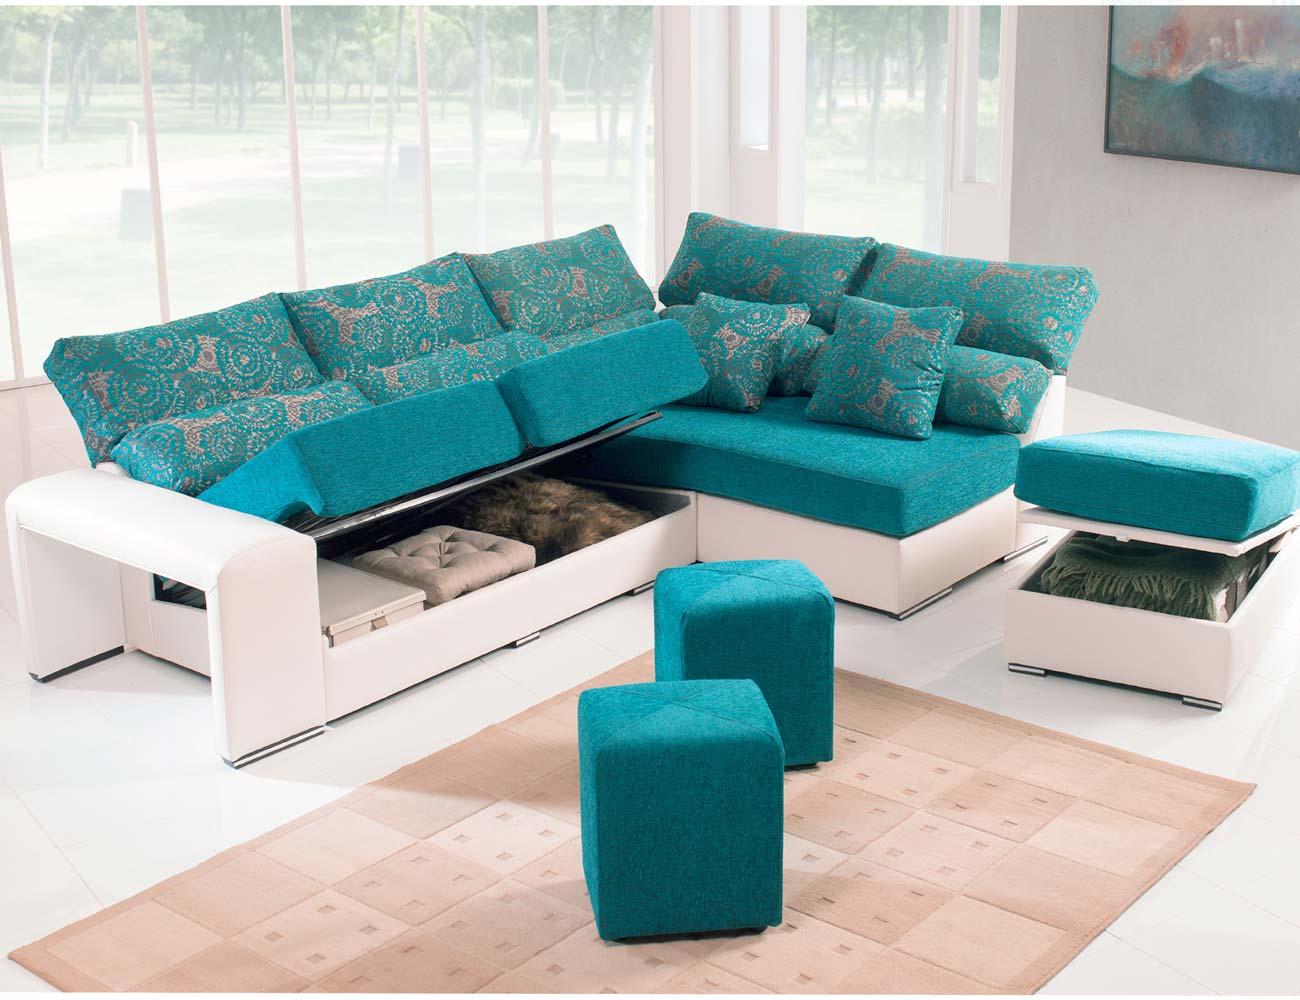 Sofa chaiselongue rincon puff arcon taburete20